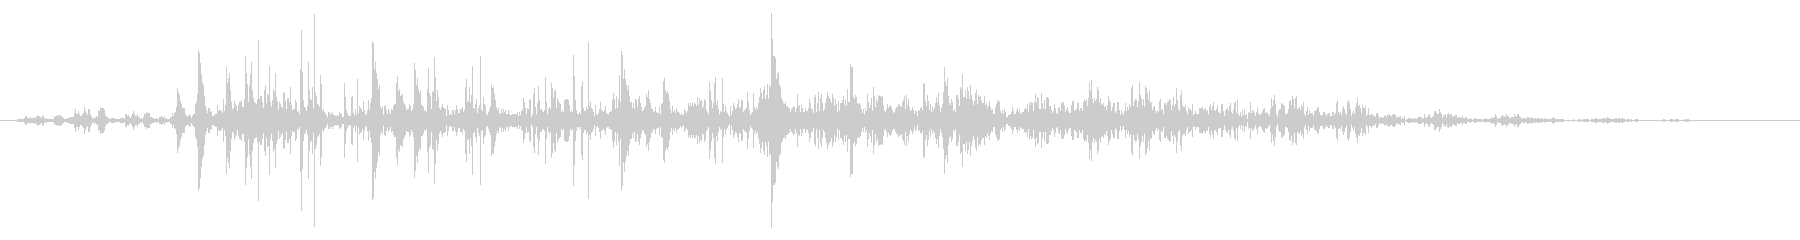 ネバネバ、ヌメヌメとした不気味な音A#3の未再生の波形